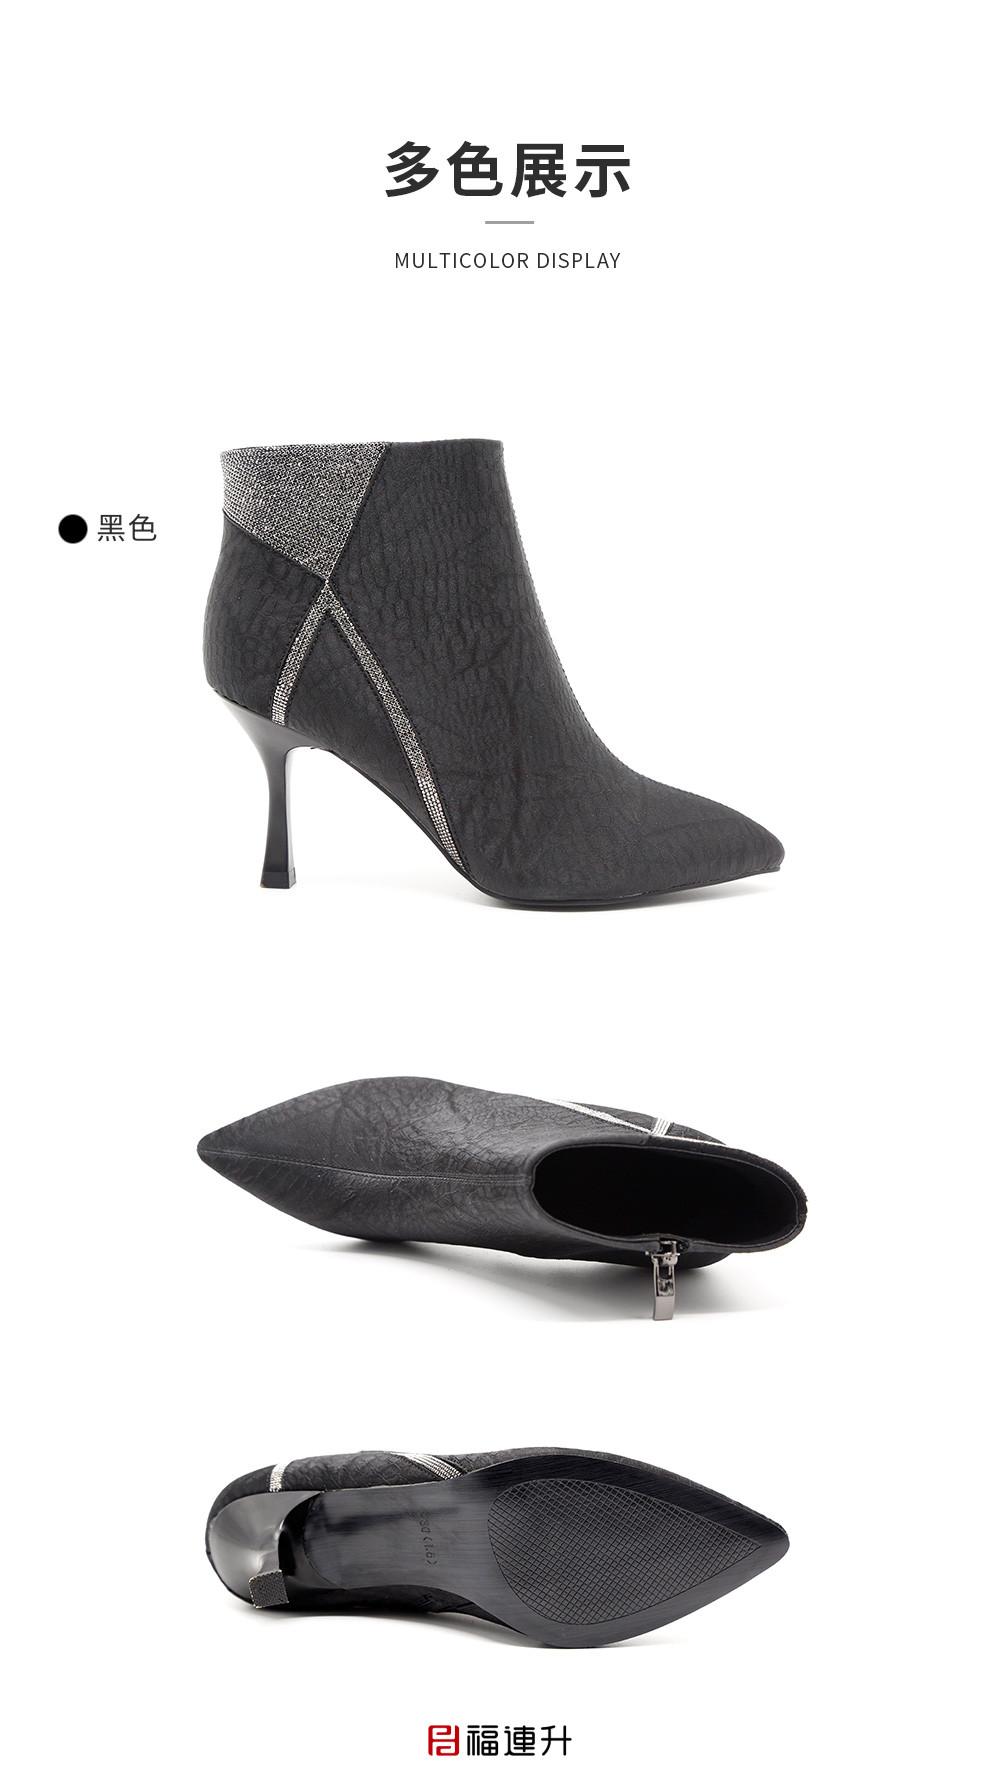 福连升尖头靴2020时尚水钻高跟棉鞋女冬季加绒气质细跟短靴图片